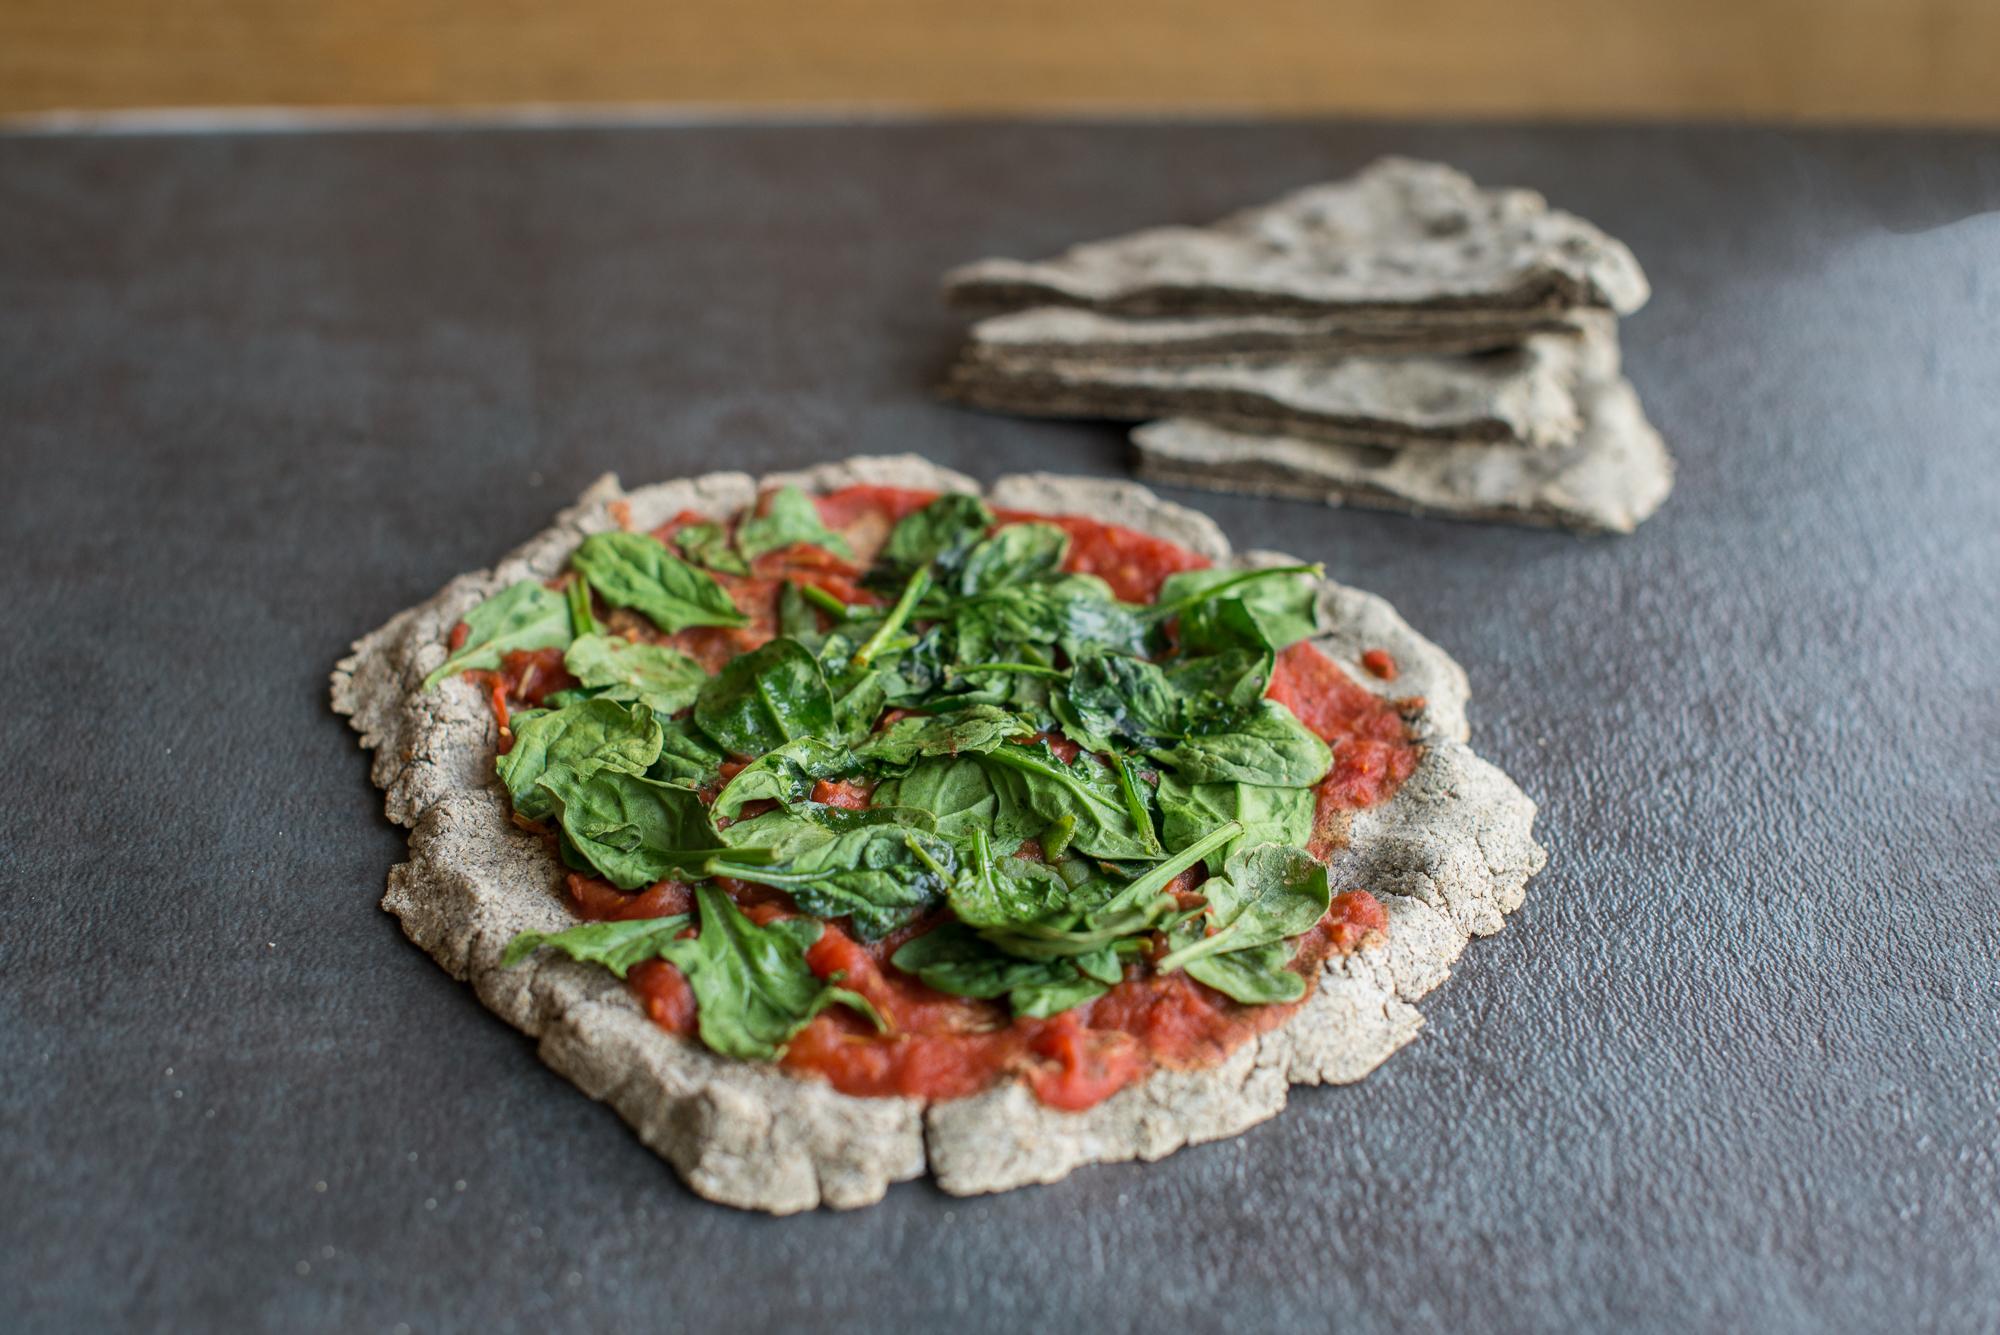 Gluten Free Pizza Crust/Flatbread (Gluten Free, Dairy Free)